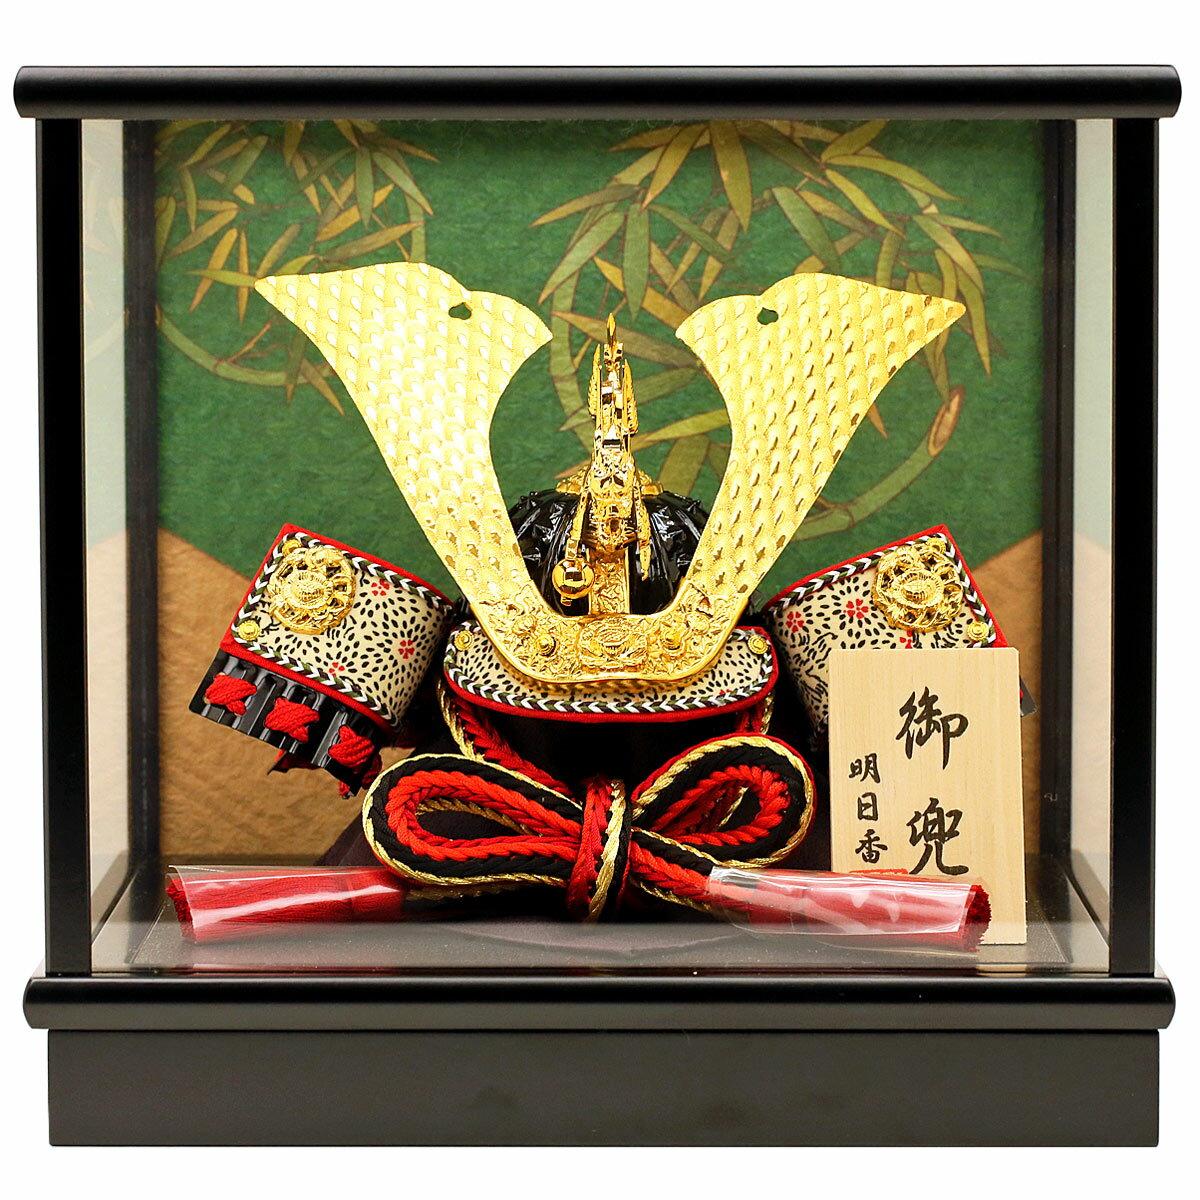 五月人形 兜 兜飾り ケース飾り ケース入り 人形工房天祥オリジナル 限定 オリジナル 「兜ケース飾り 端午(ガラスケース)」